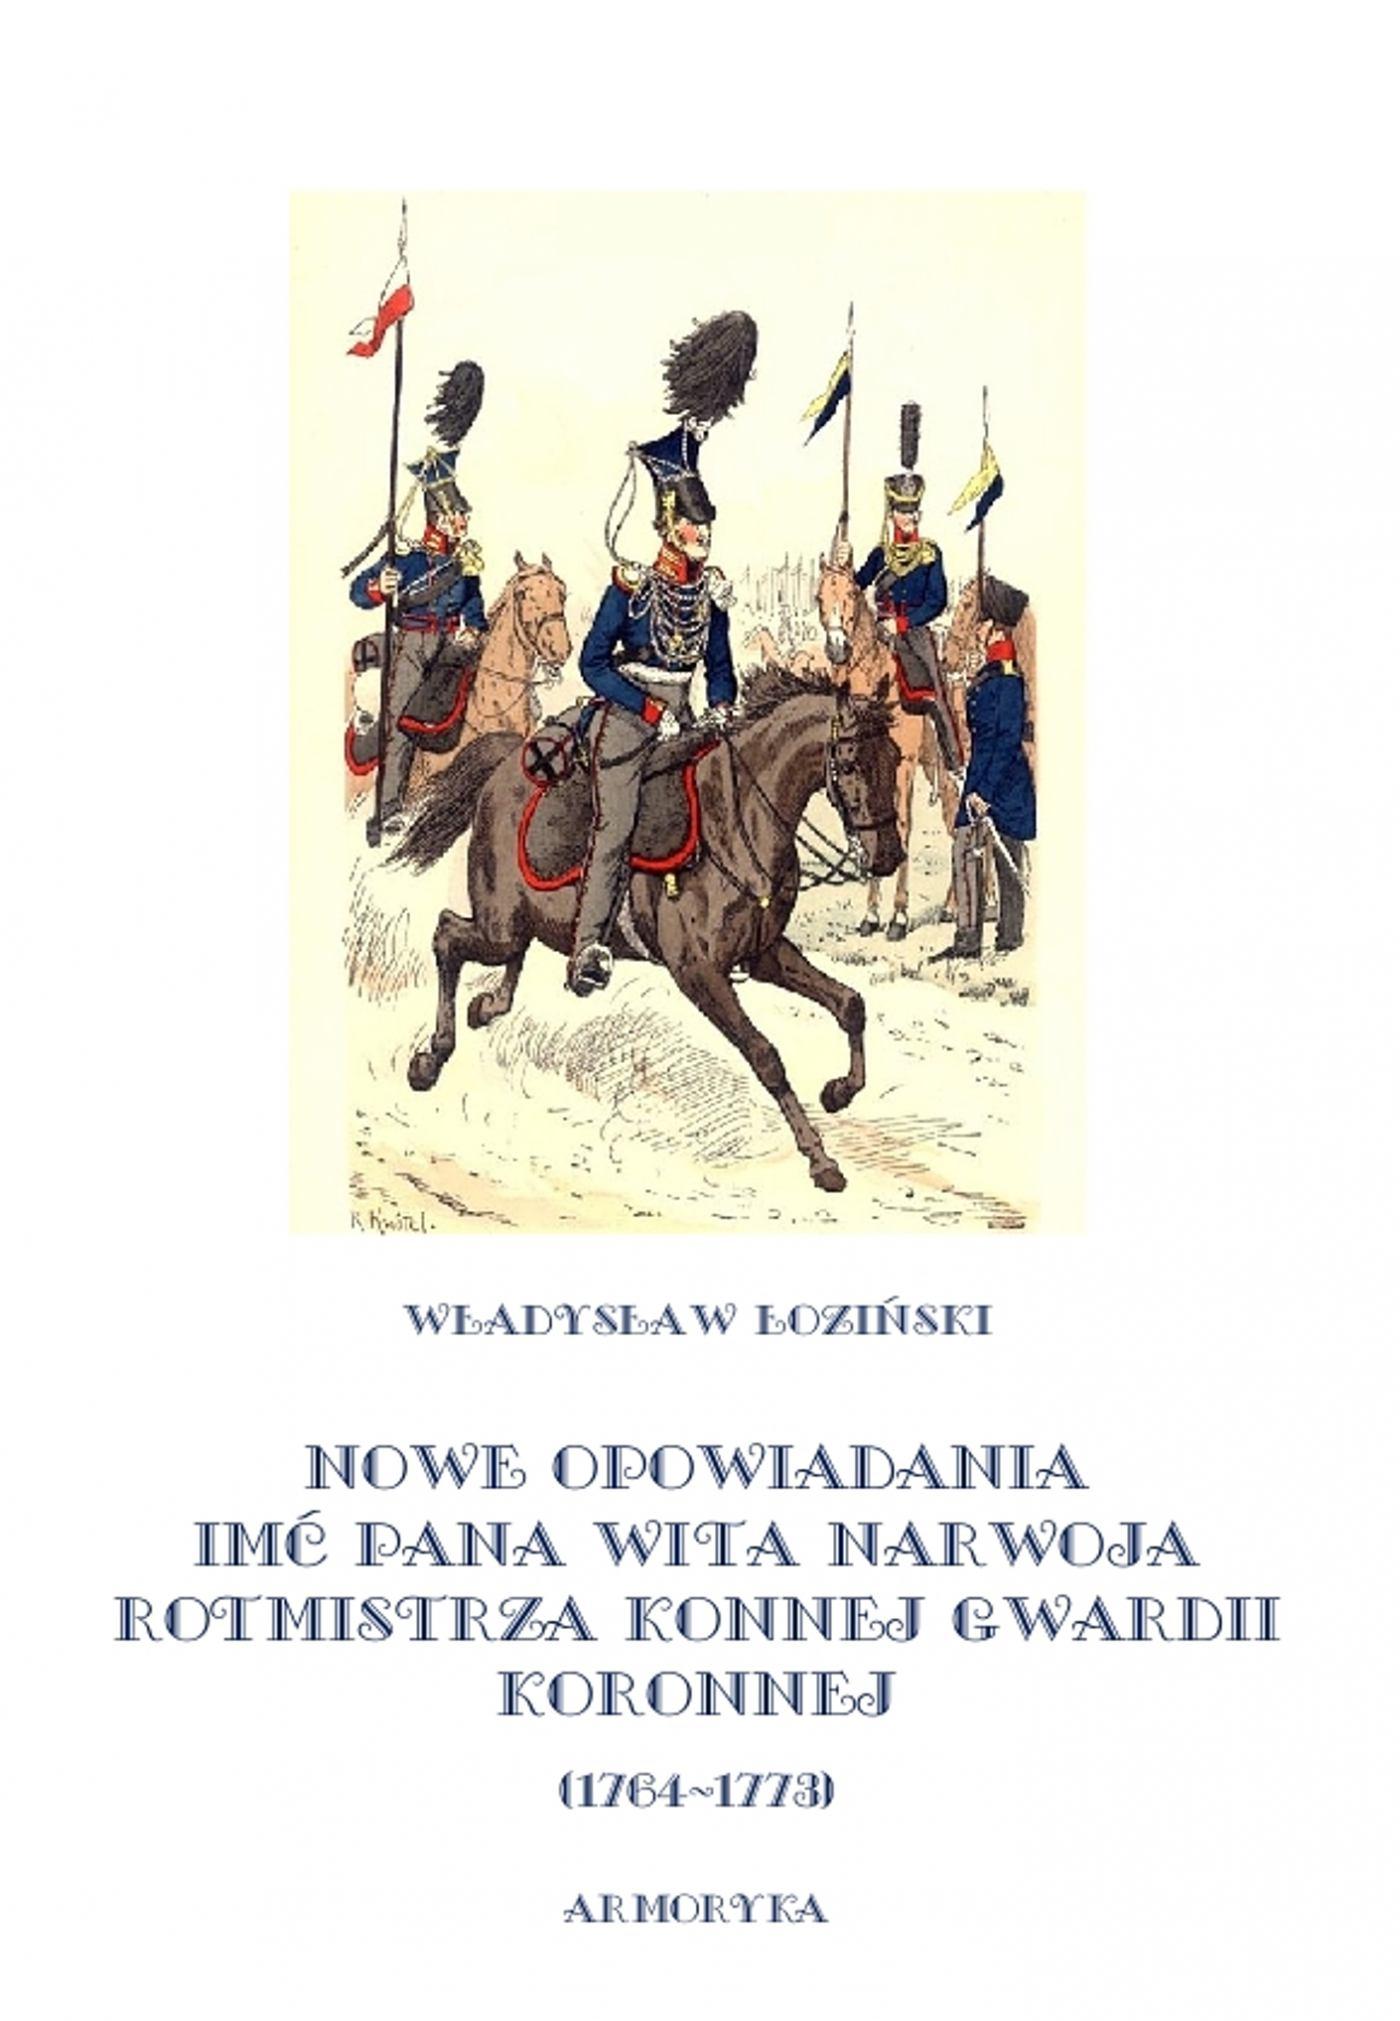 Nowe opowiadania imć pana Wita Narwoja, rotmistrza konnej gwardii koronnej 1764-1773 - Ebook (Książka EPUB) do pobrania w formacie EPUB